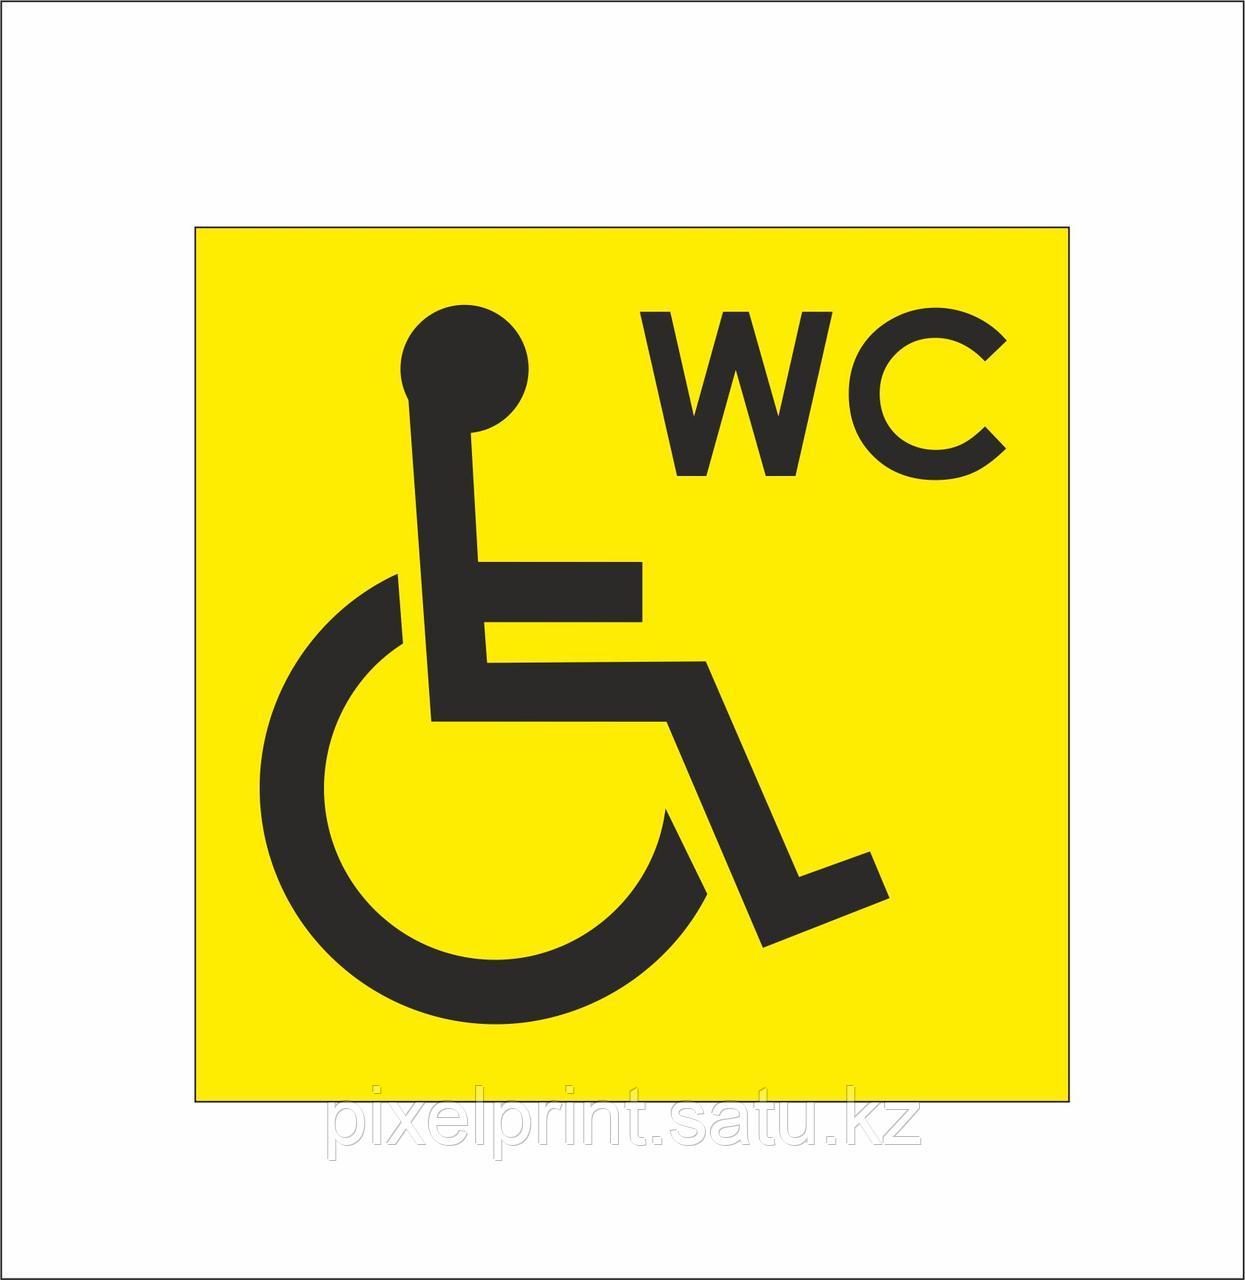 """Табличка """"Туалет для инвалидов"""" 15*15 см"""